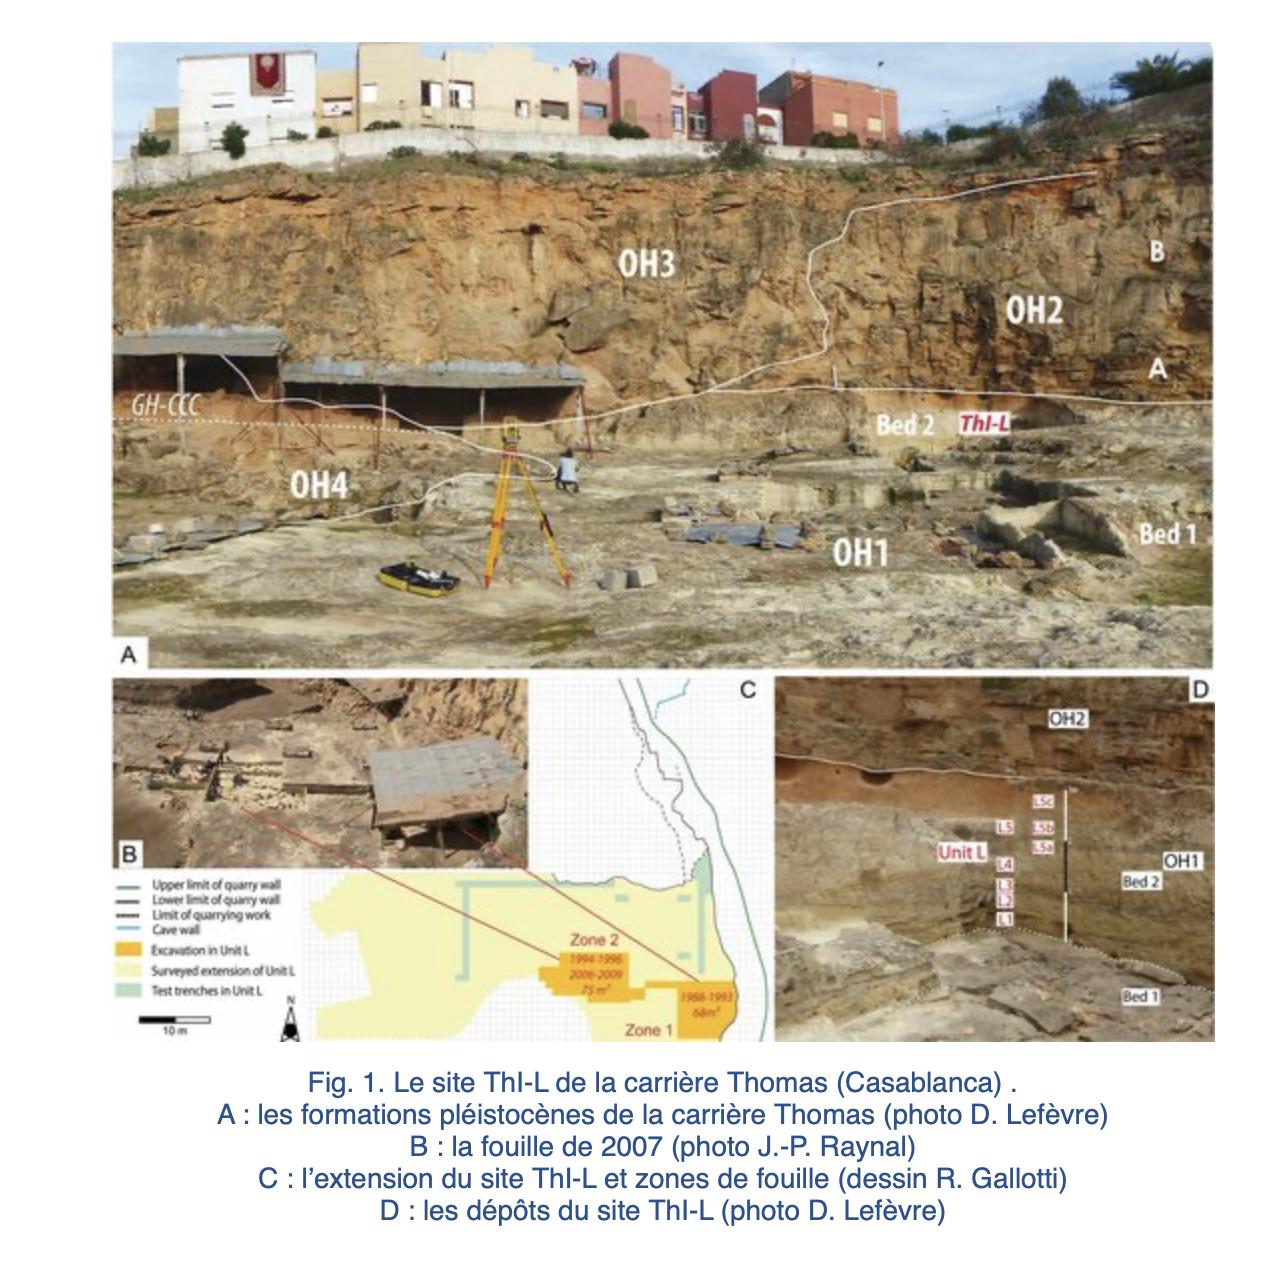 Maroc-Montpellier : L'Acheuléen le plus ancien site connu au Maroc a été découvert dans la région de Casablanca avec l'Université Paul-Valéry